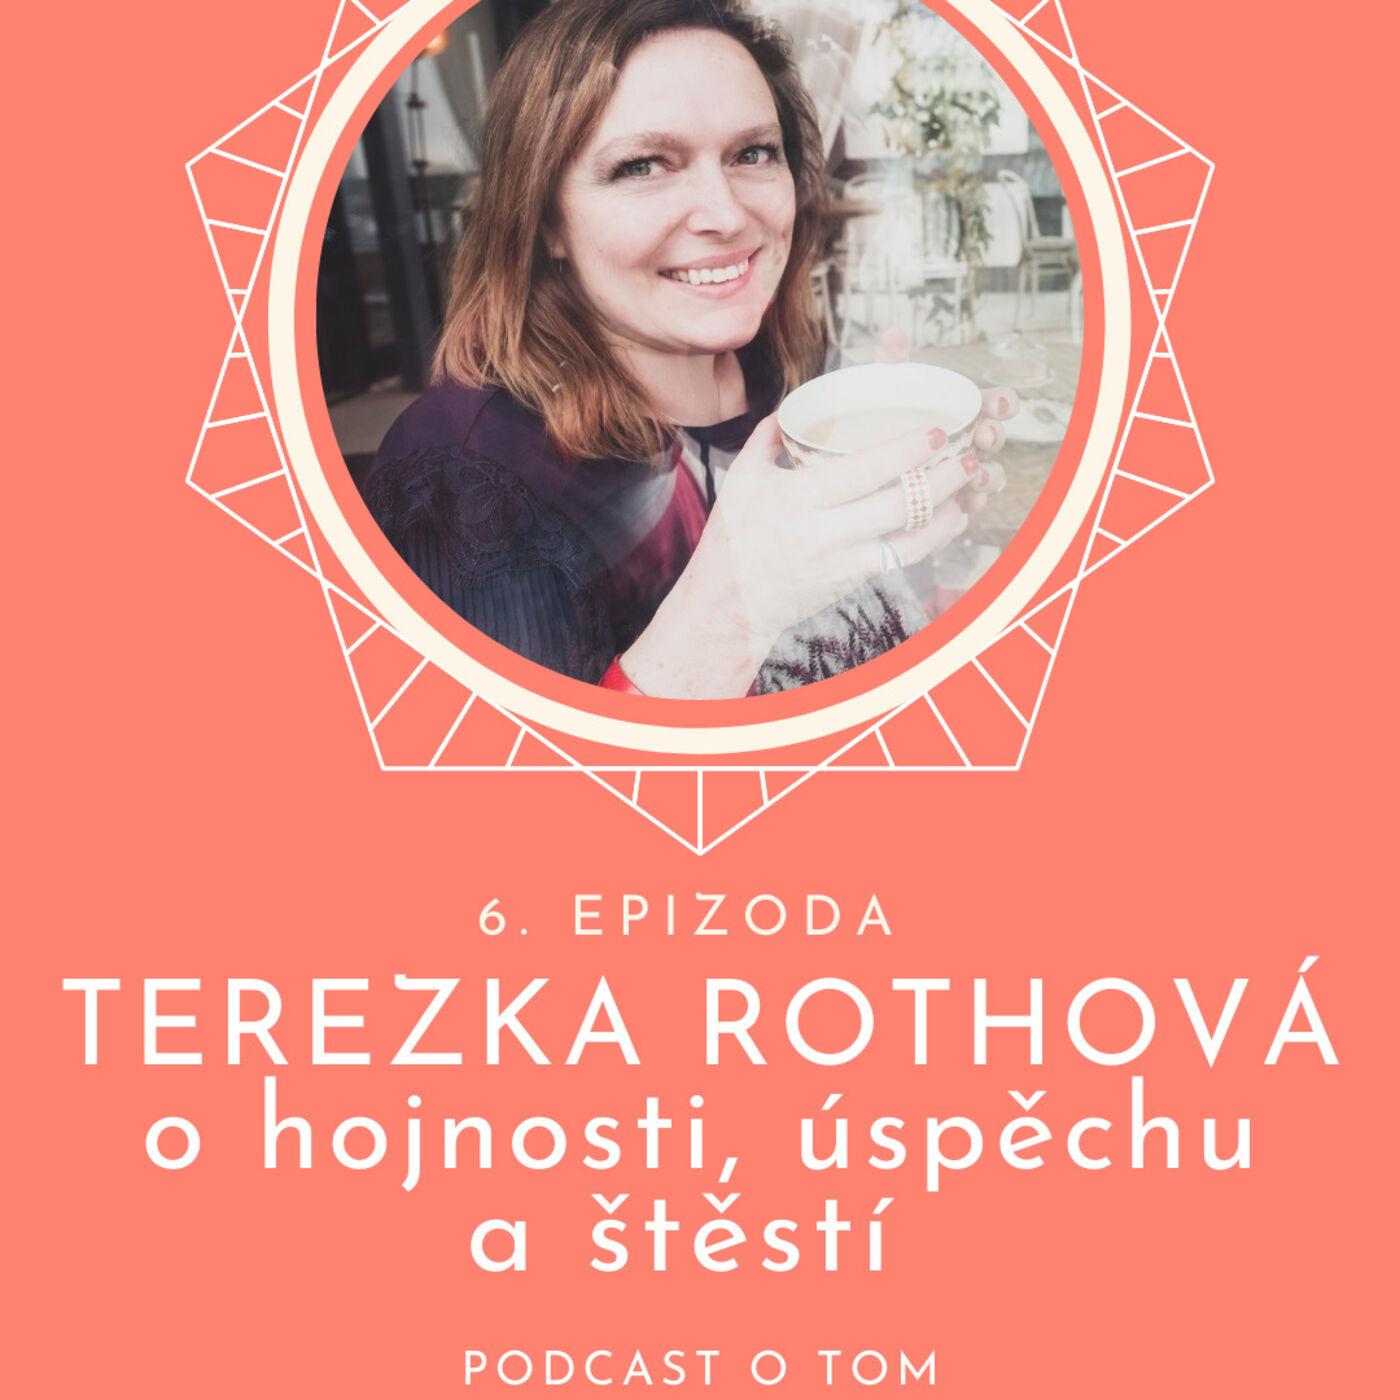 6. epizoda - O hojnosti, úspěchu a štěstí / rozhovor Terezka Rothová